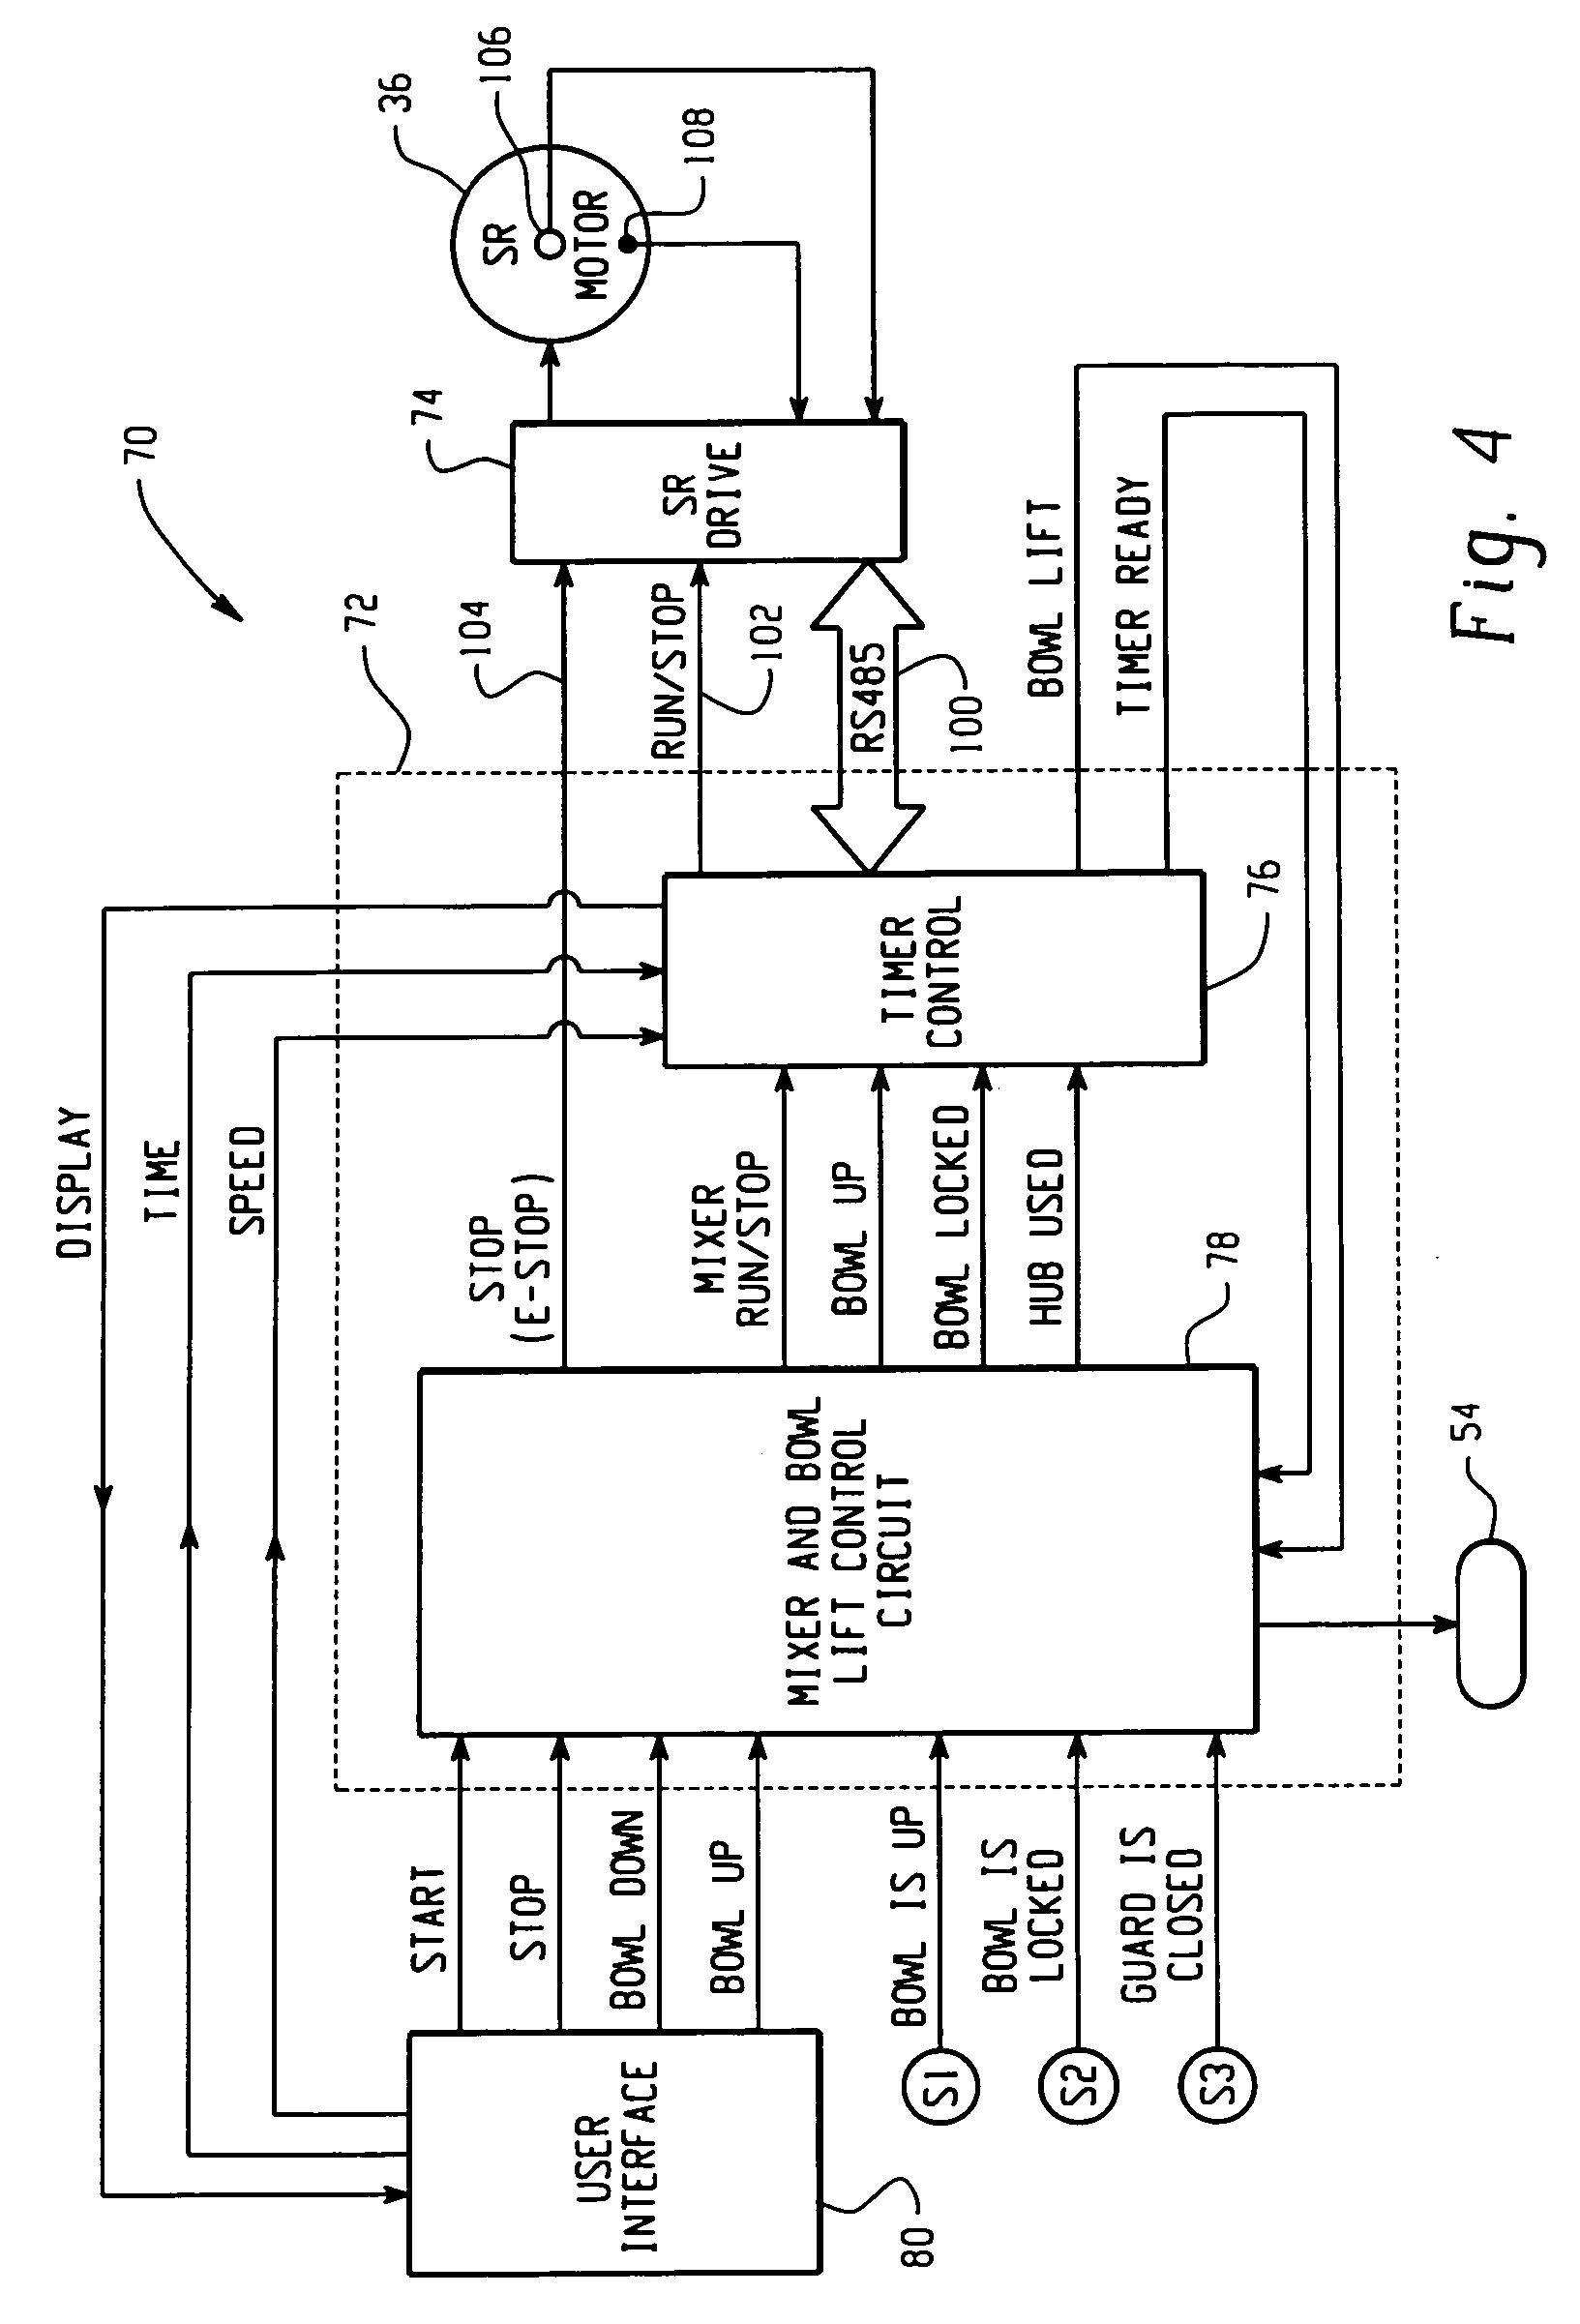 50 amp welding schematic wire diagram